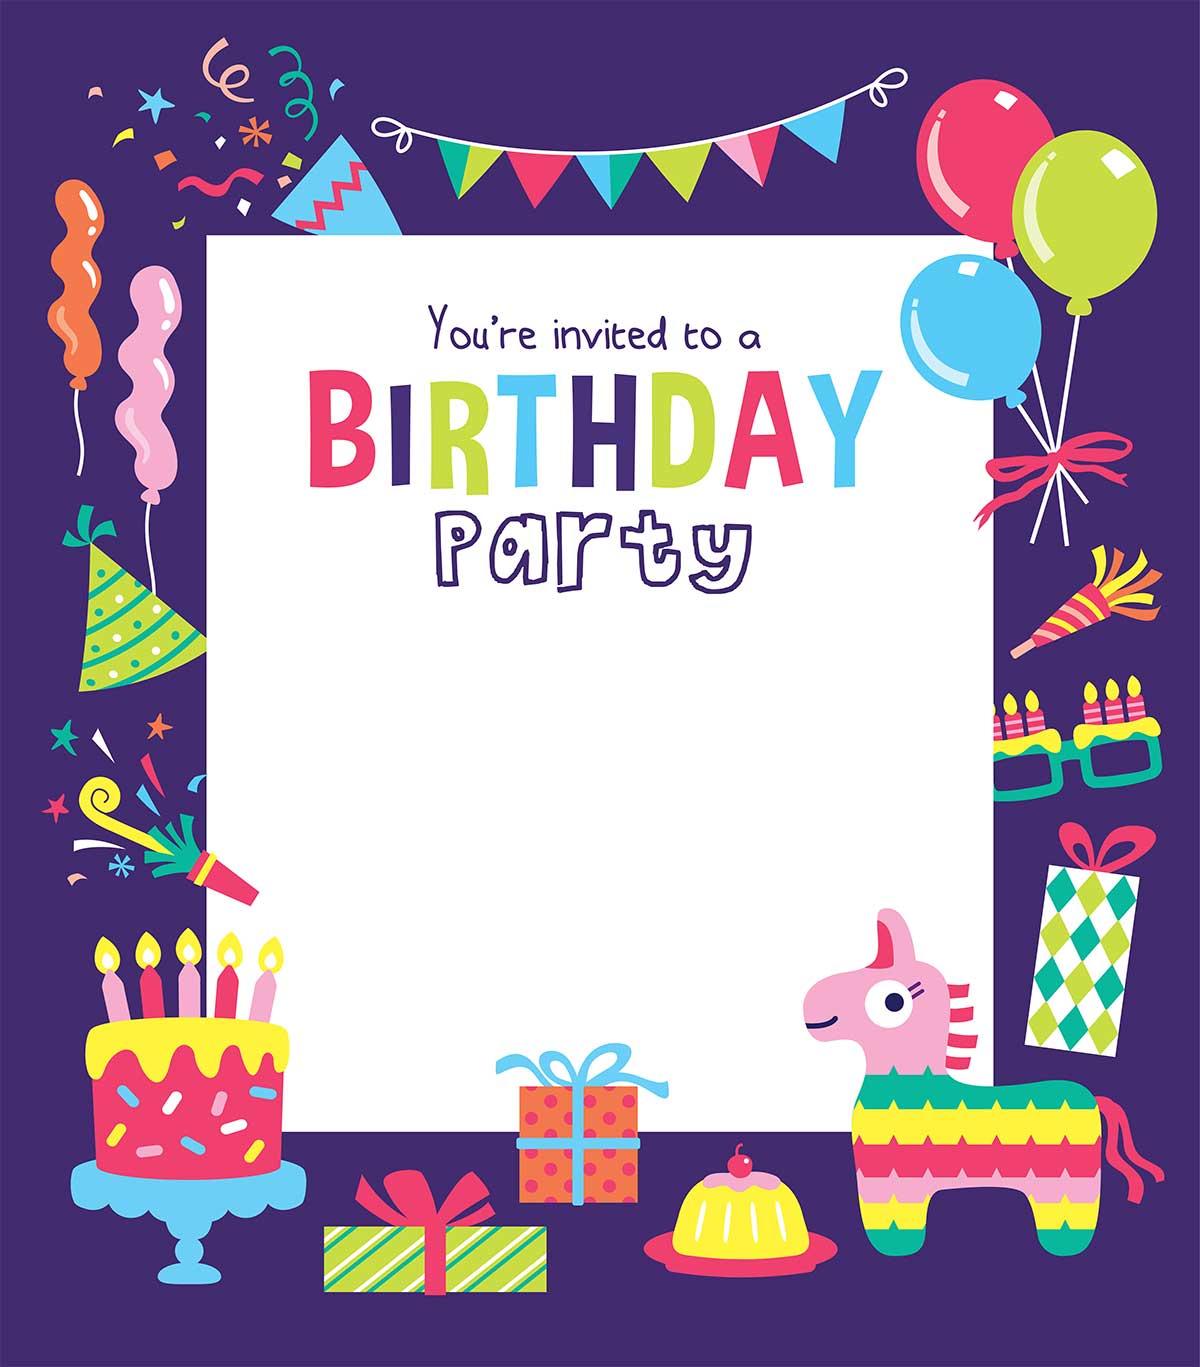 izrada pozivnica za rođendan Izrada pozivnica   Uragan izrada pozivnica za rođendan